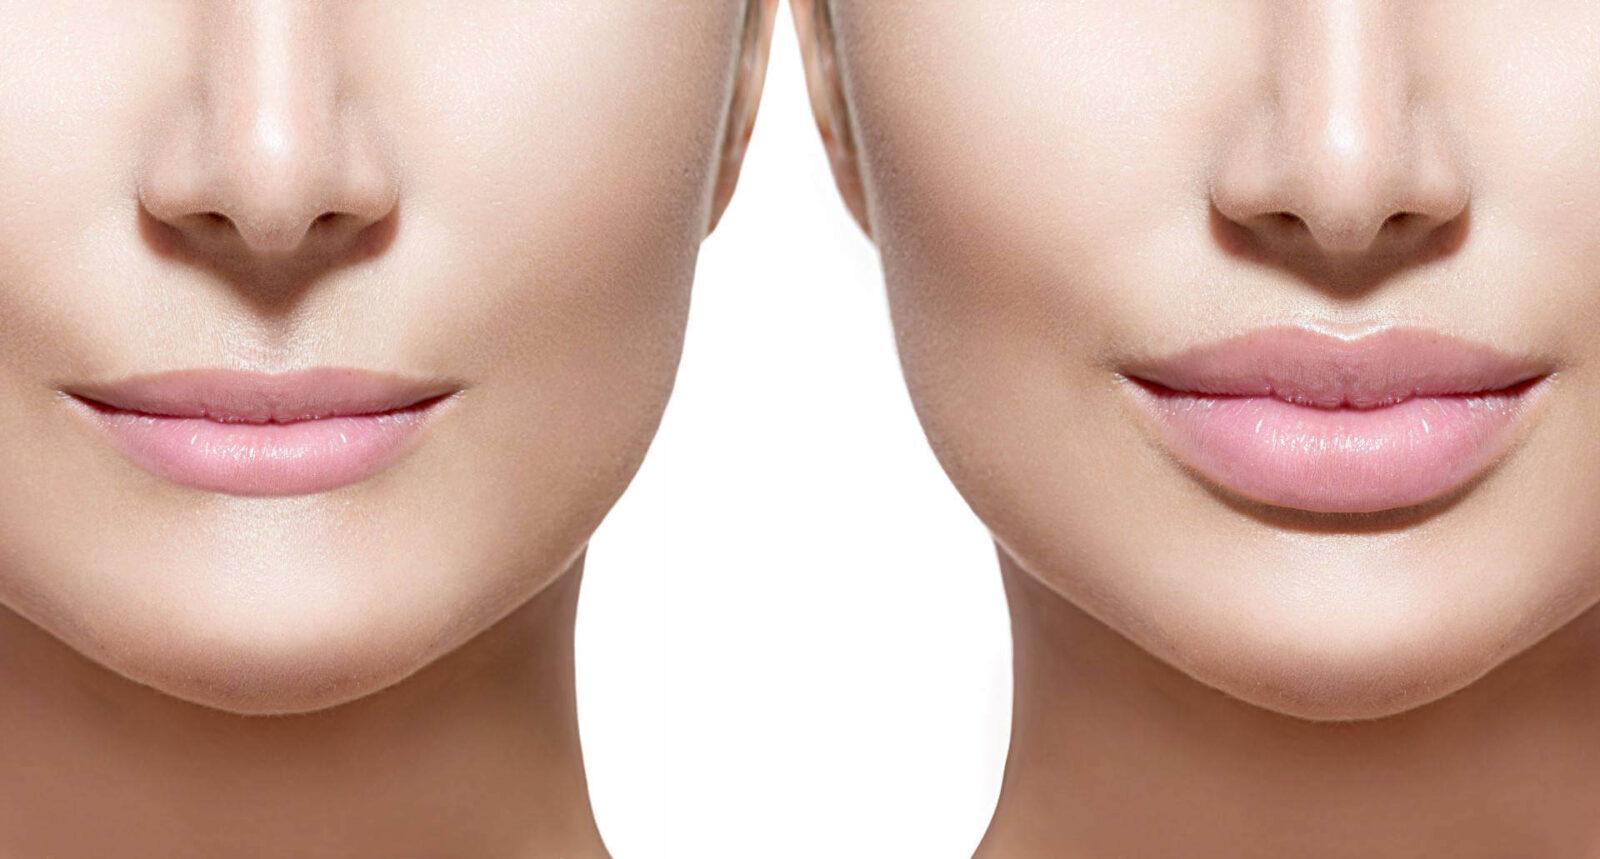 коррекции формы губ с большим эстетическим вкусом